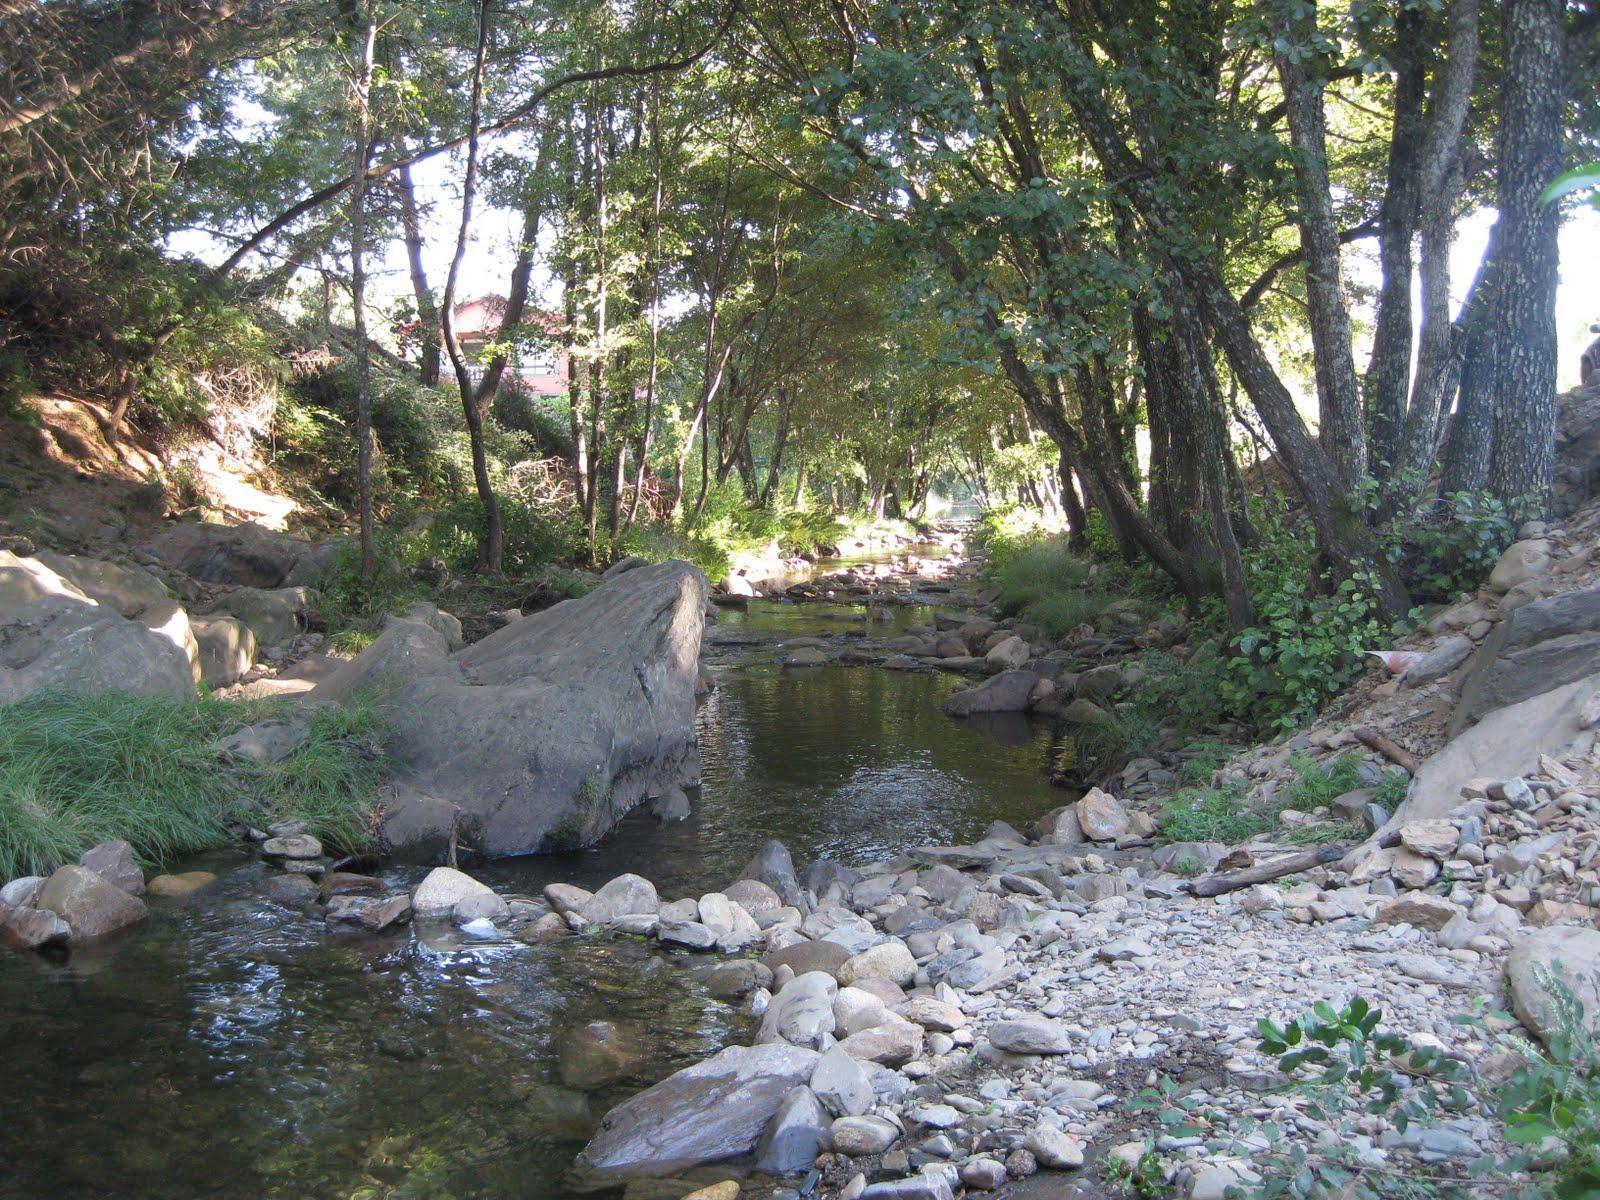 Al sur del sur piscinas naturales de la sierra de gata for Piscinas naturales en sierra de gata